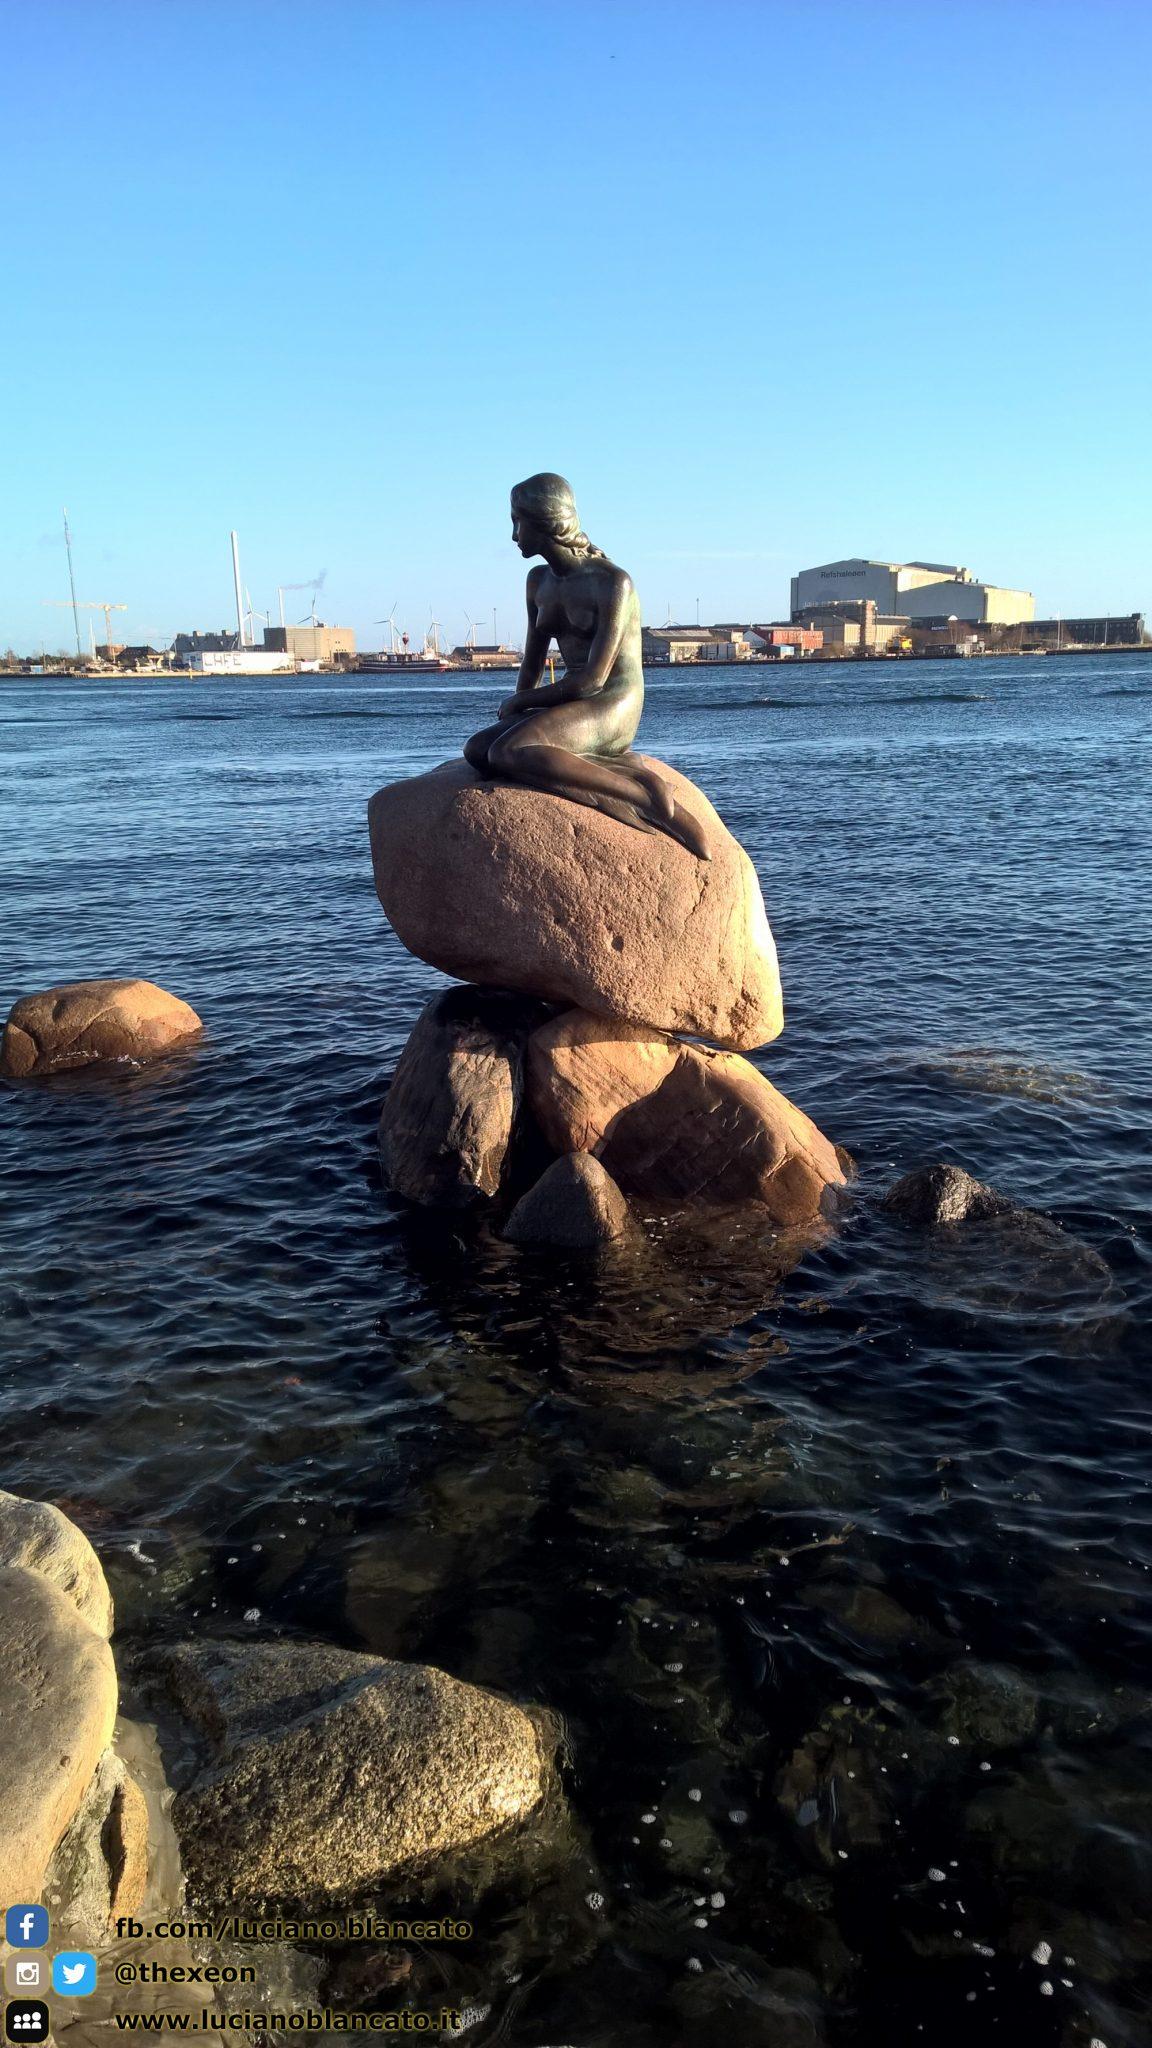 La sirenetta - Den Lille Havfrue - Copenaghen - Danimarca